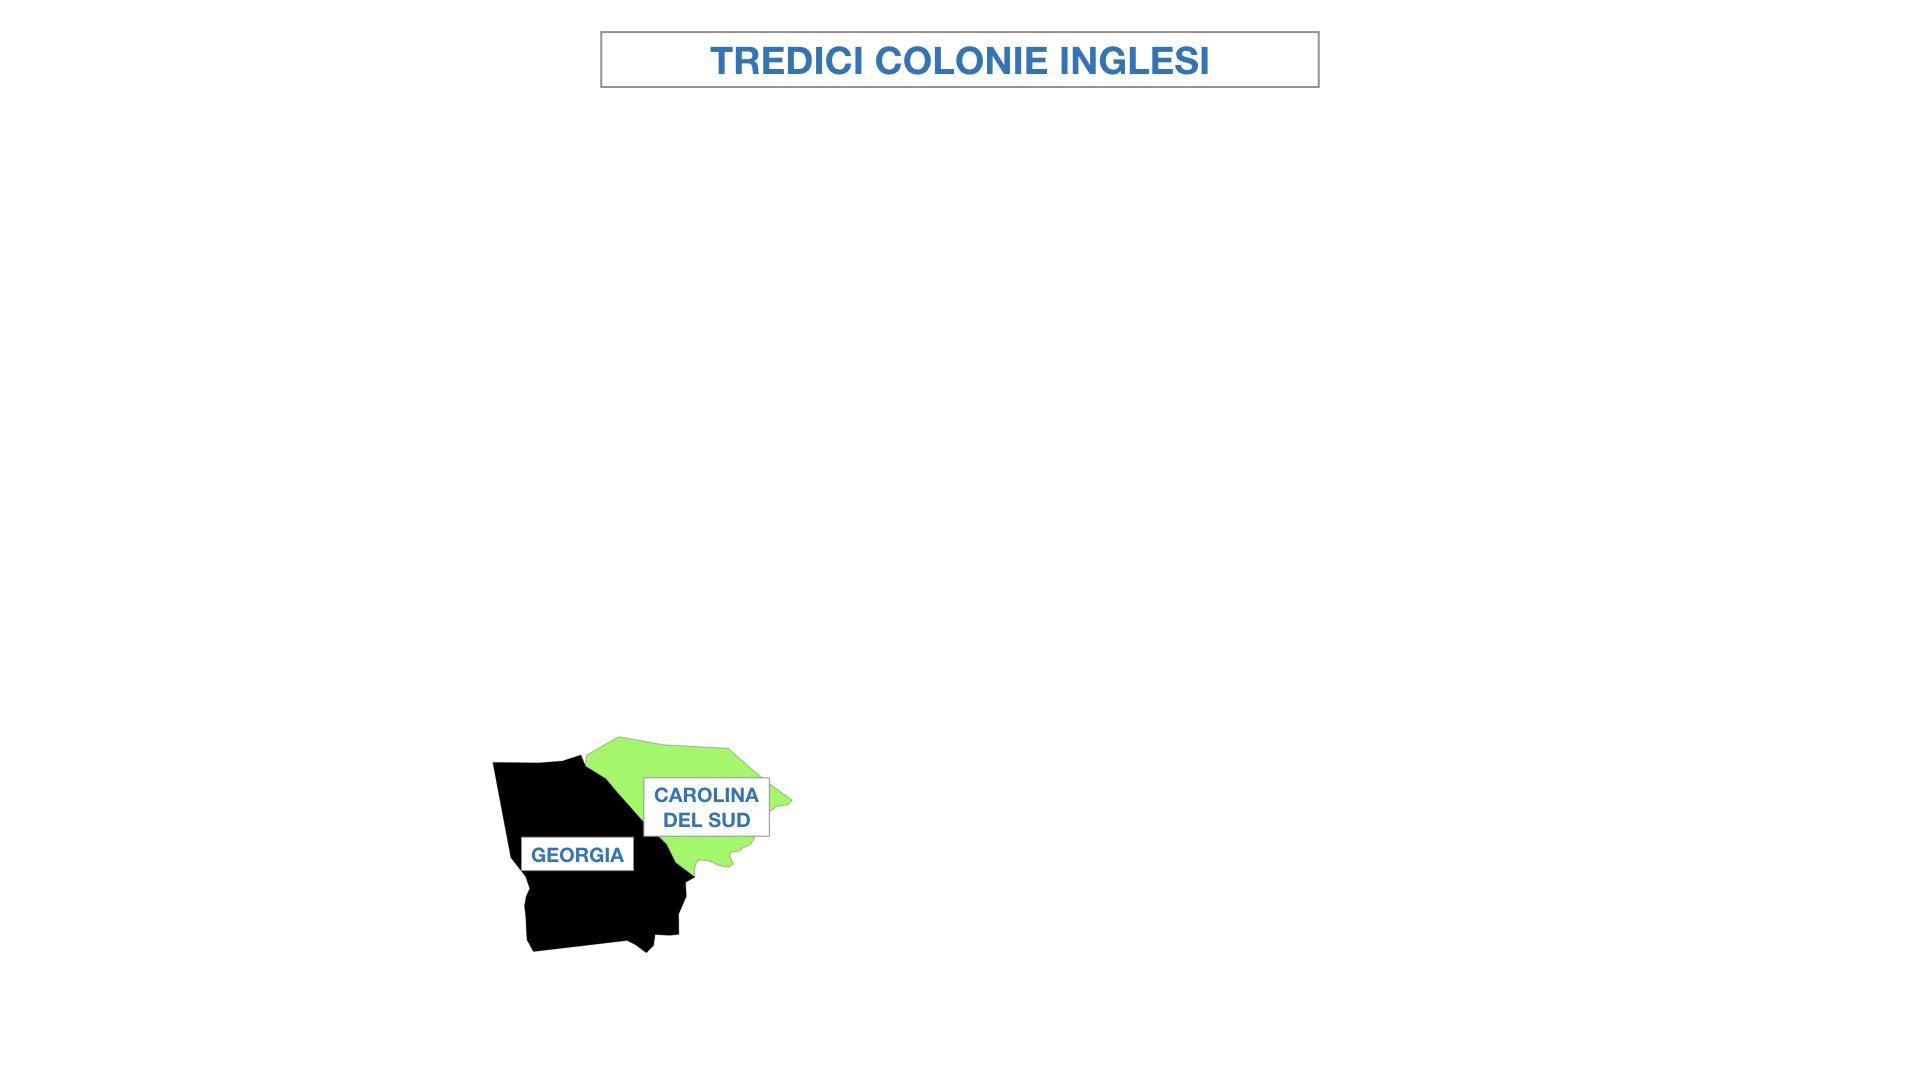 AMERICA LE TREDICI COLONIE INGLESI SIMULAZIONE.024